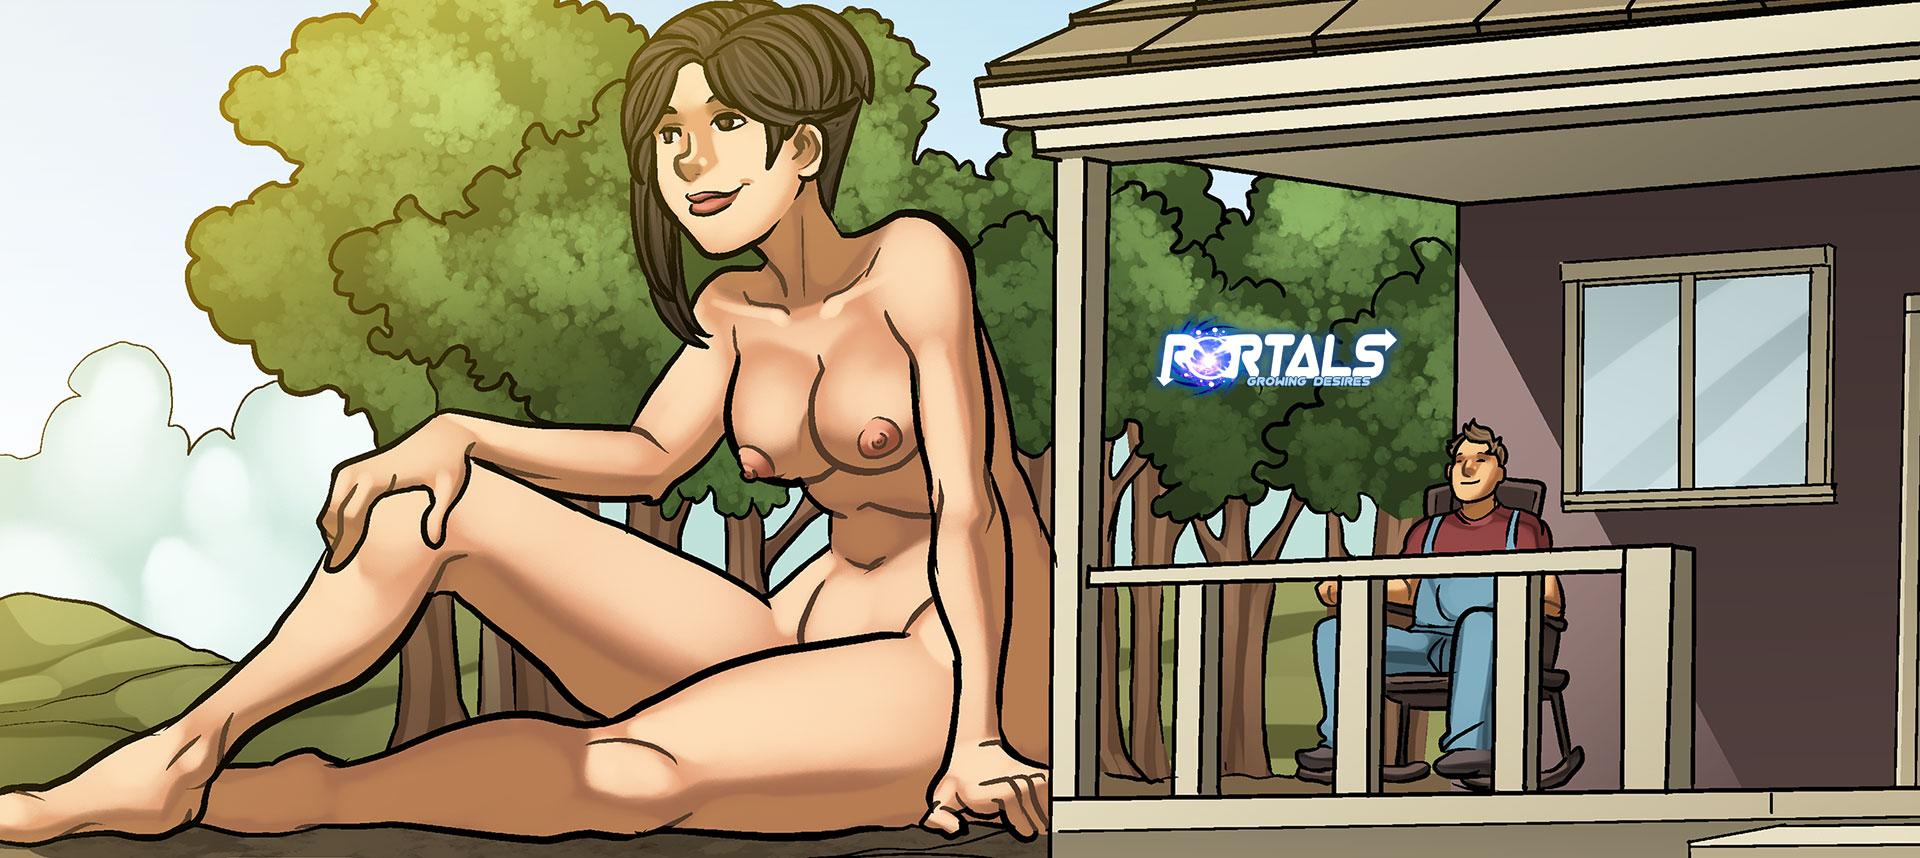 Portals_10-SLIDEa